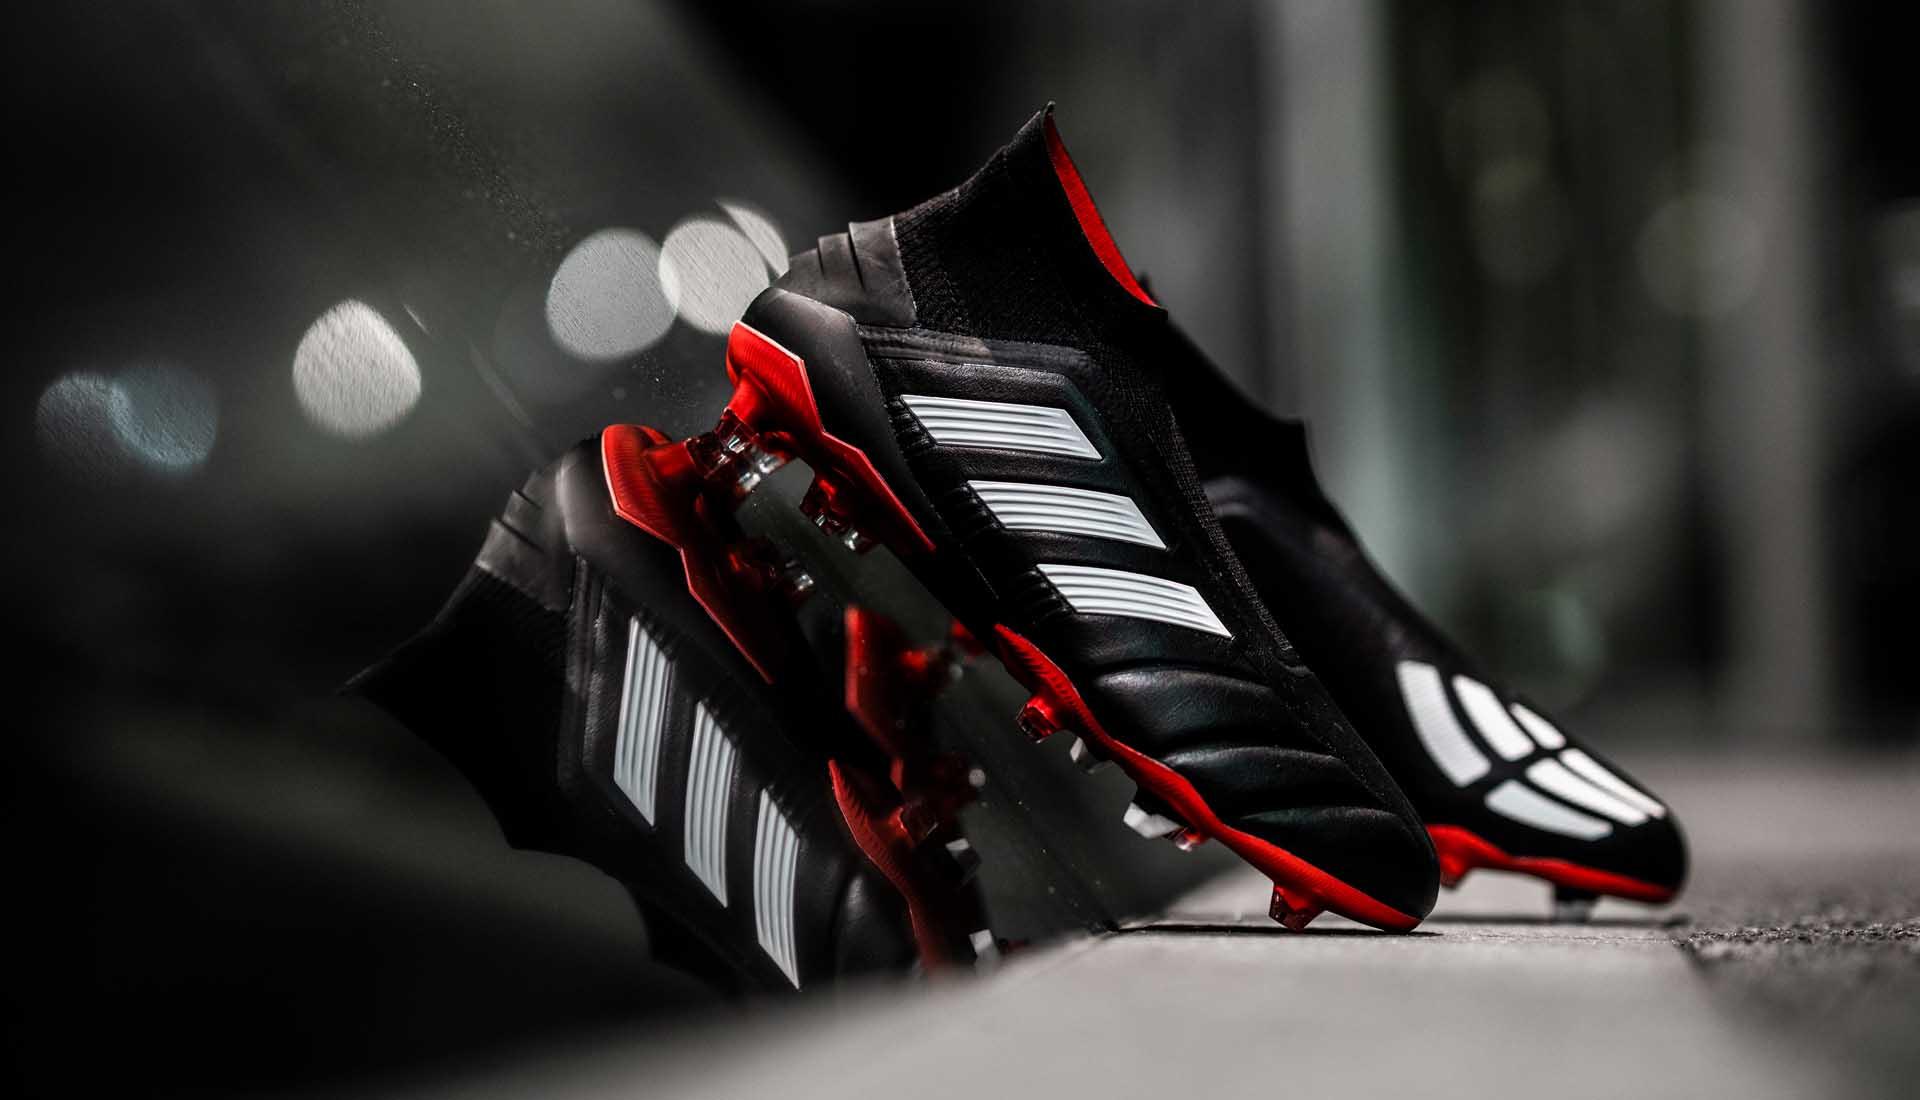 Giày đá banh chính hãng. Giày đá banh Adidas. Adidas Predator Mania 19+